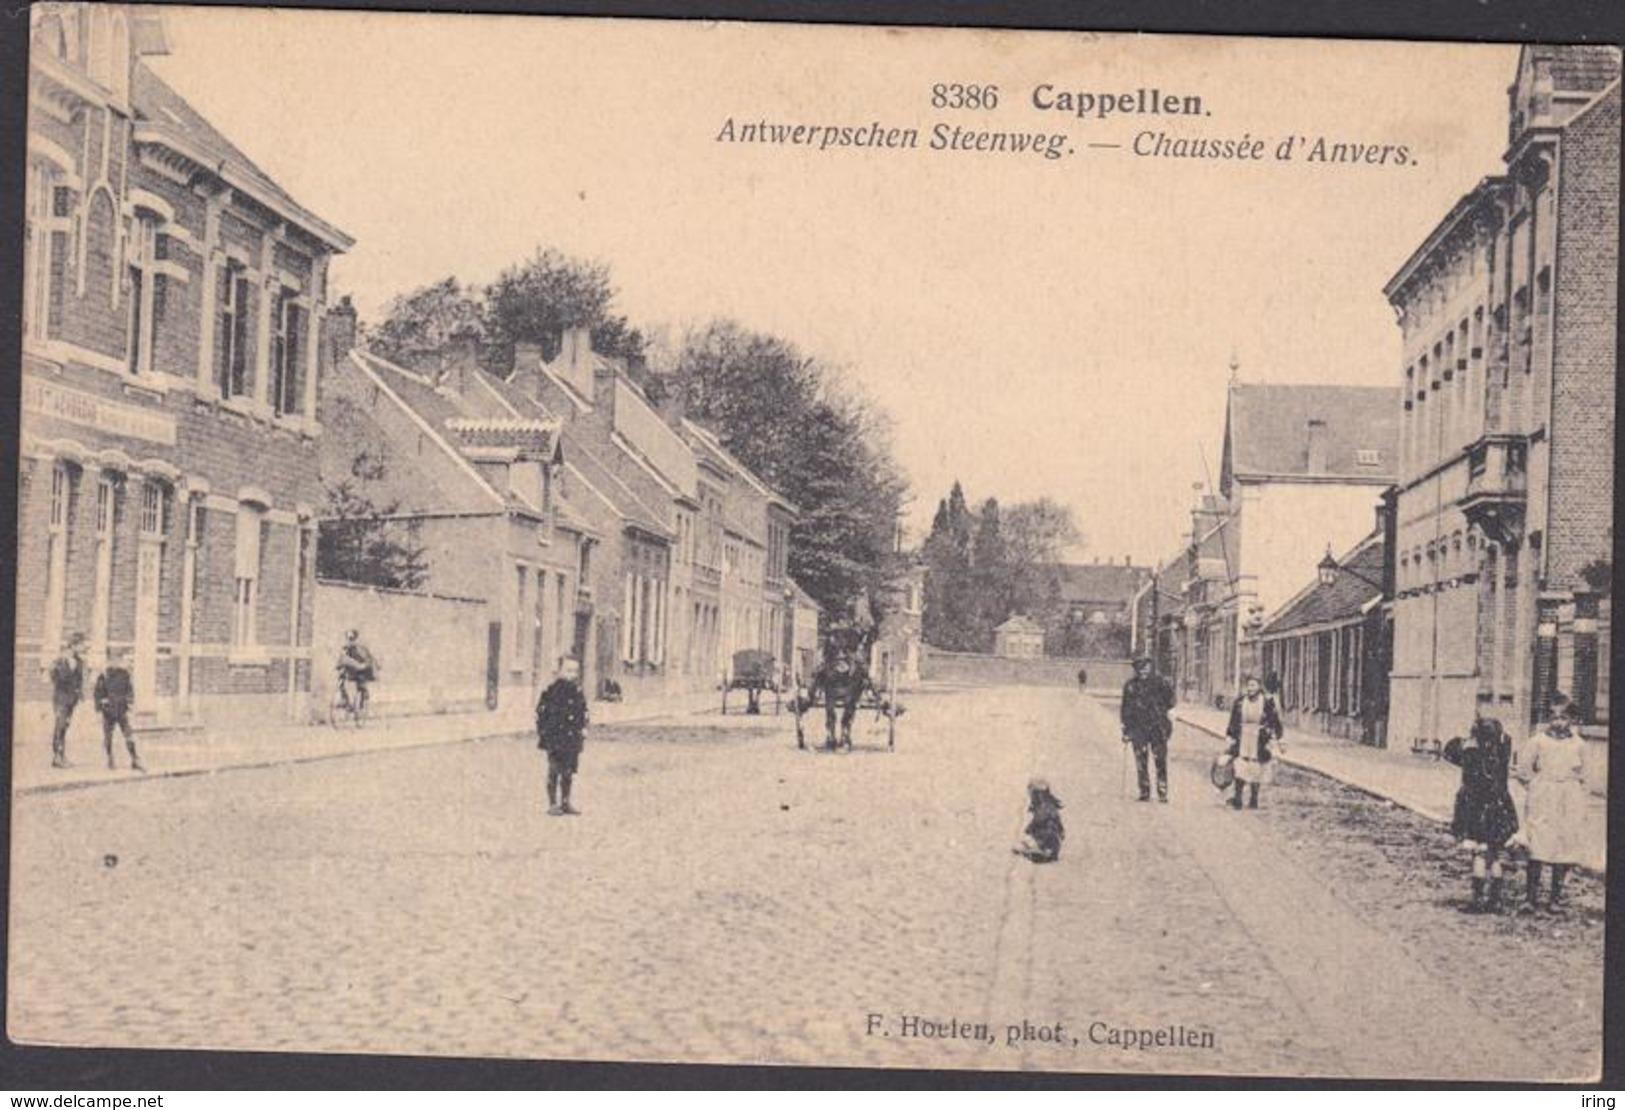 Kapellen : Antwerpschen Steenweg - Kapellen